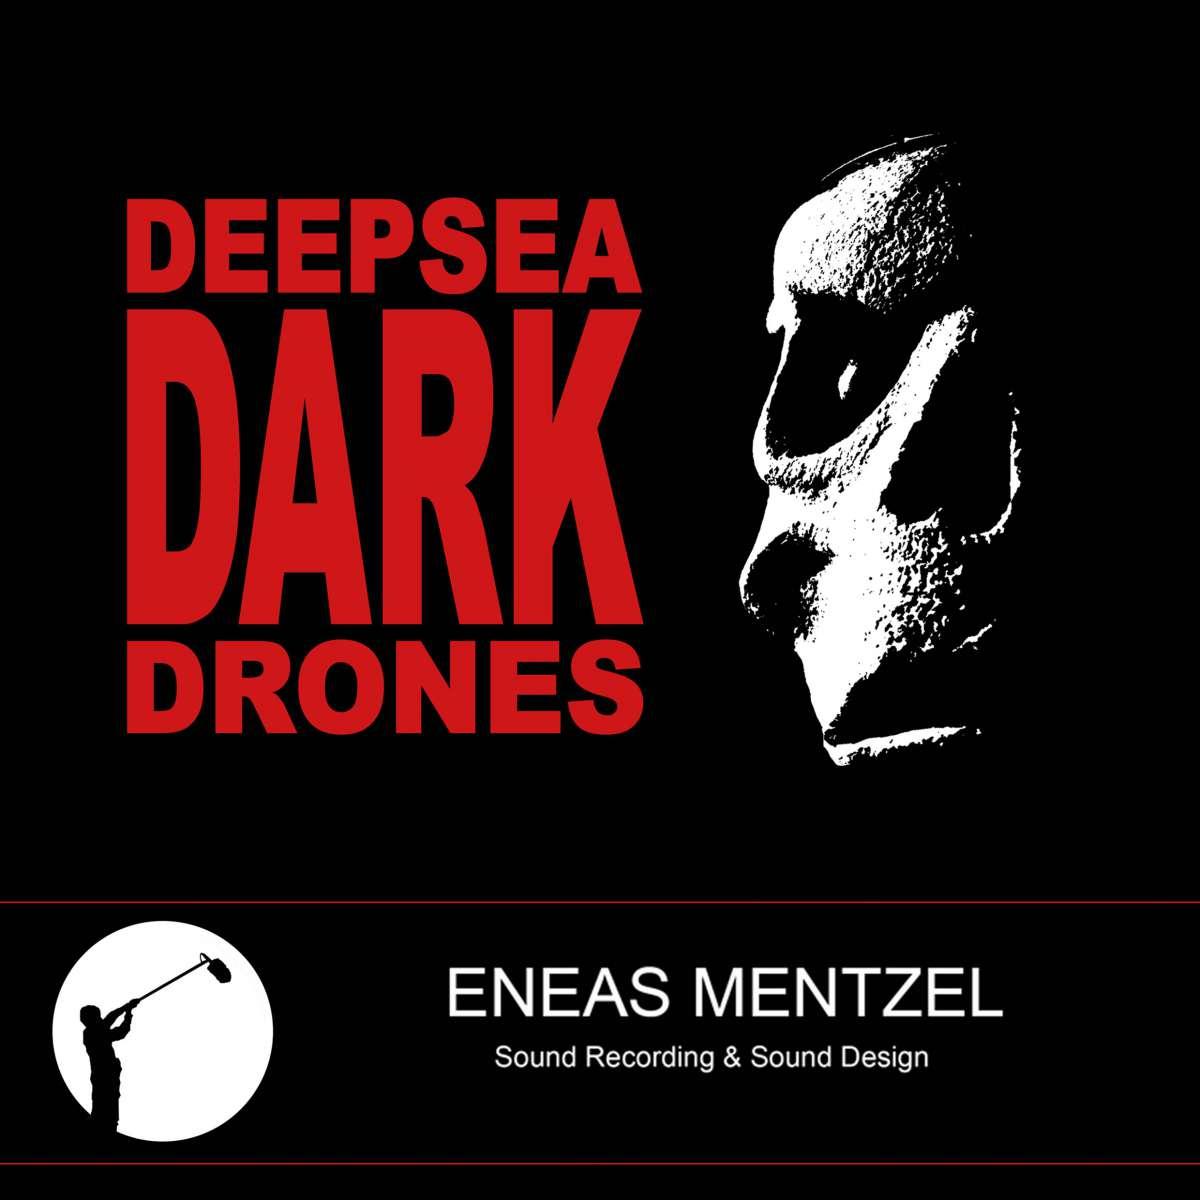 Afbeelding van Dark Deepsee Drones © Annemie Van Roey